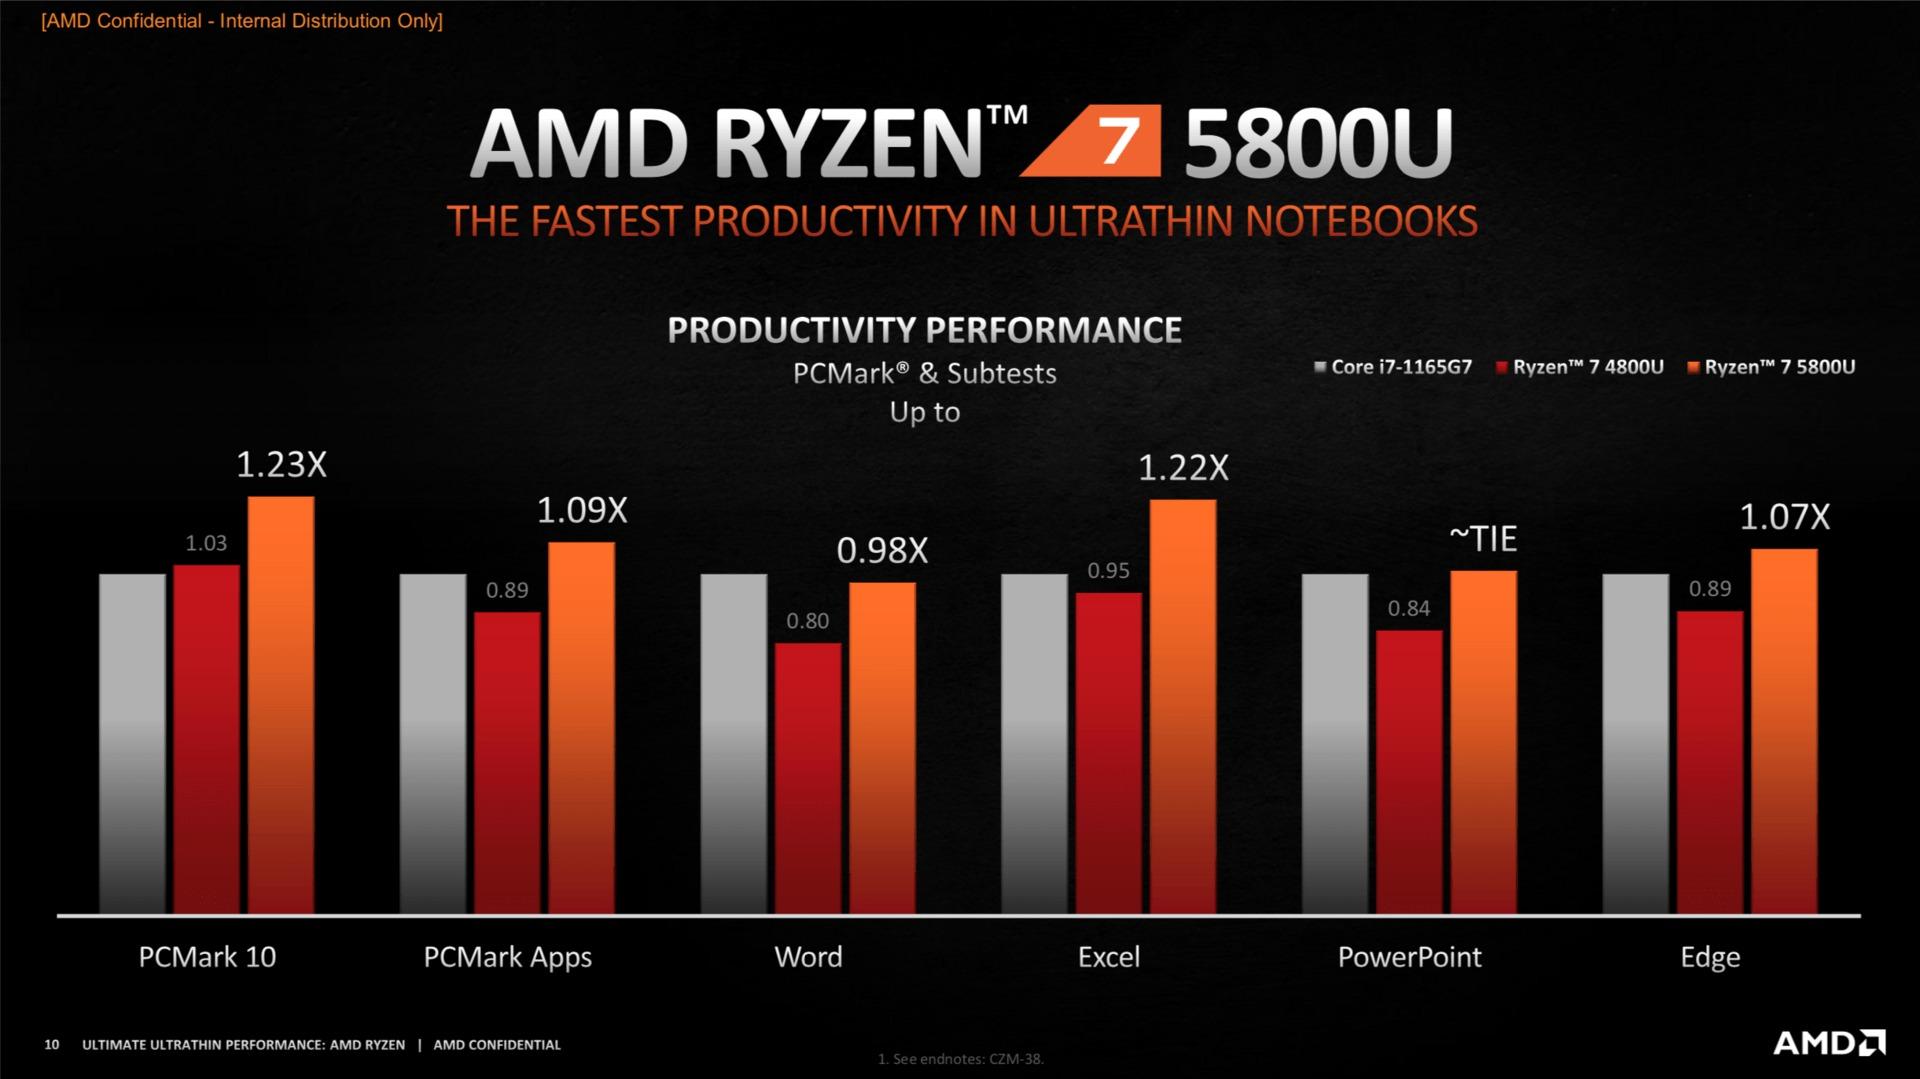 Comparación entre el Ryzen 7 5800U y el i7-1165G7 en tareas de oficina